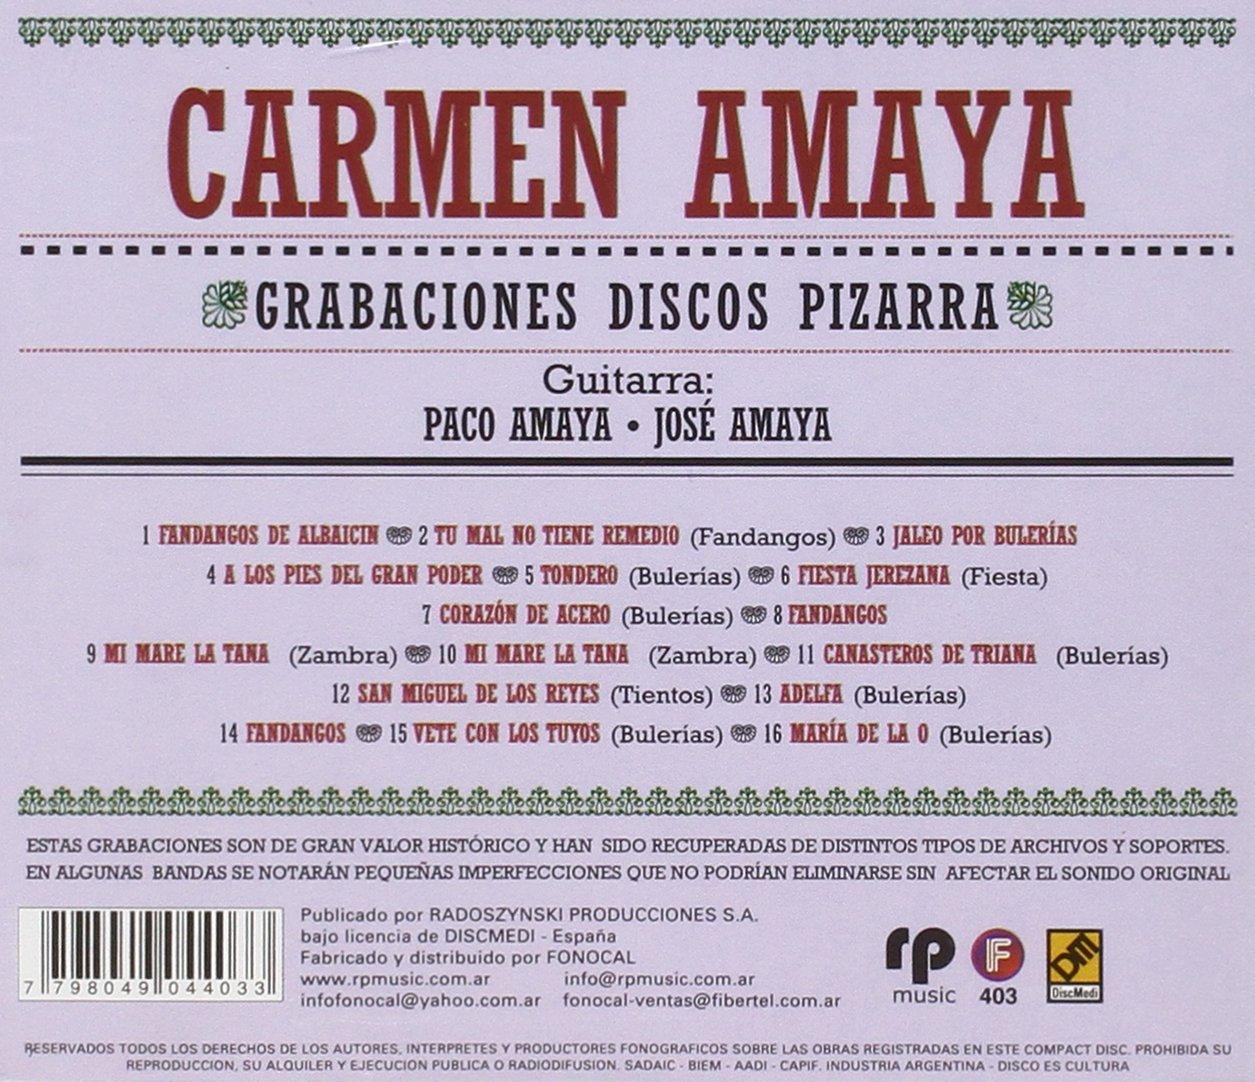 CARMEN AMAYA - Grabaciones Discos Pizarra, Ano 1948-50 ...